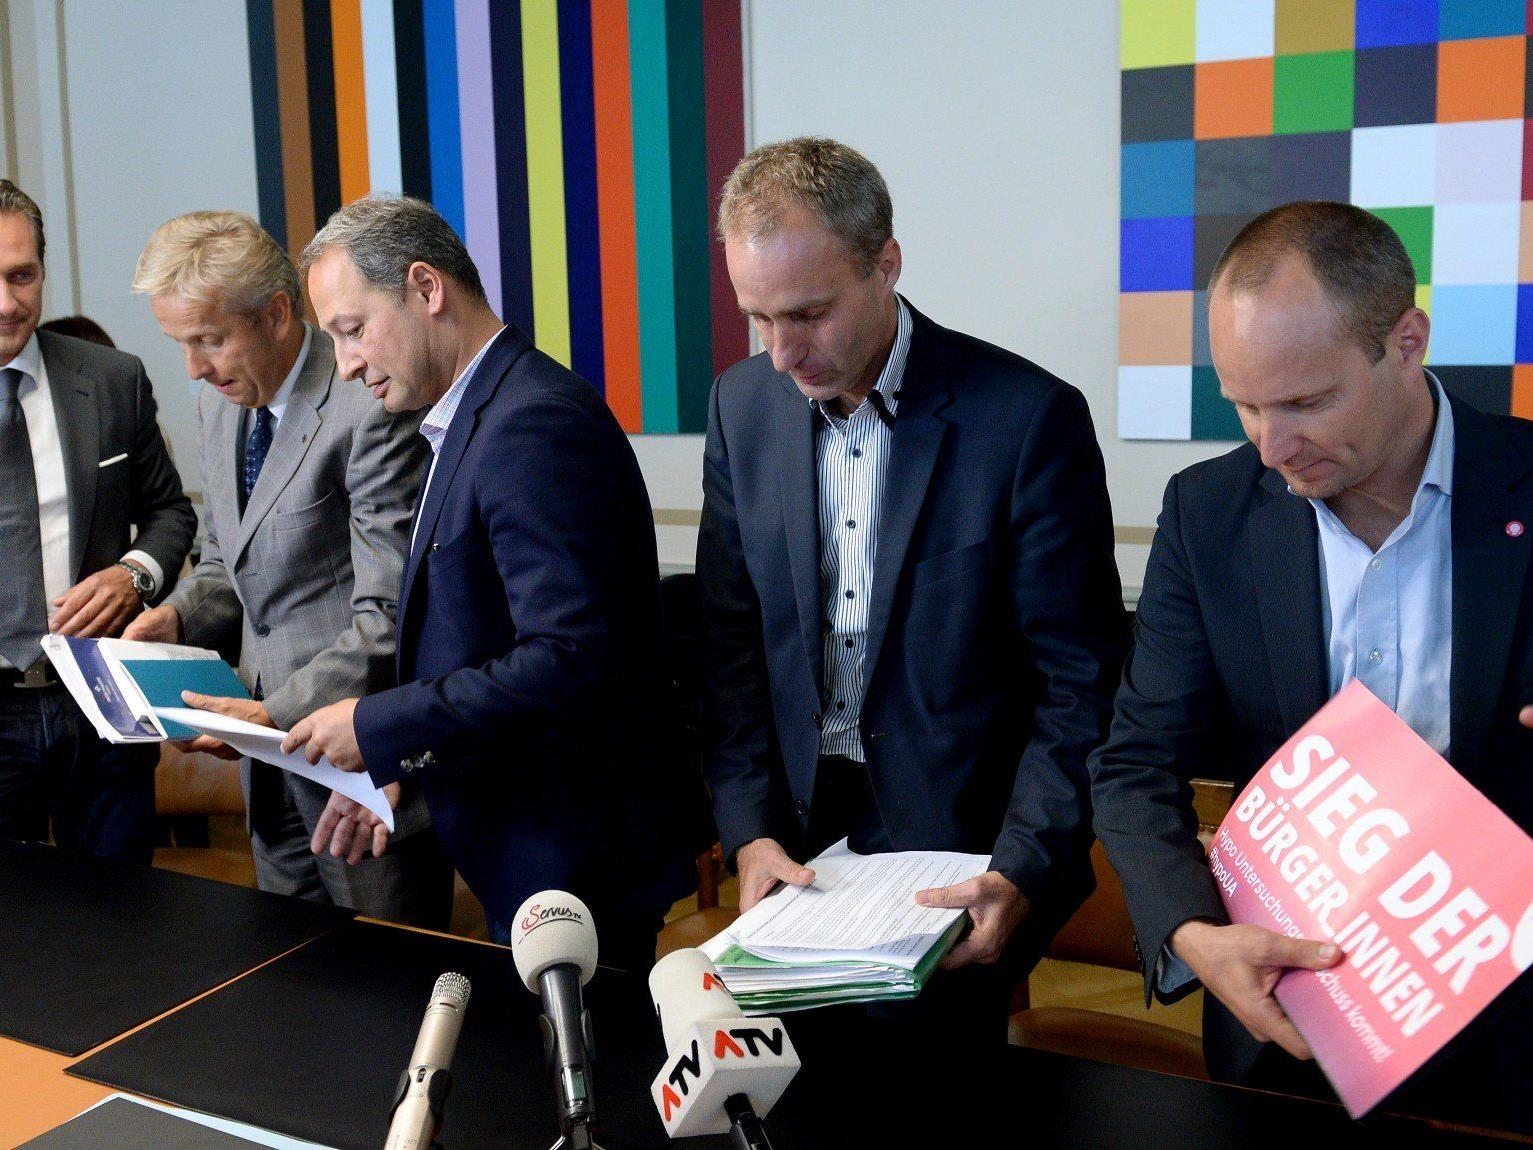 Heinz Christian Strache (FPÖ), Reinhold Lopatka (ÖVP), Andreas Schieder (SPÖ), Dieter Brosz (Grüne) und Matthias Strolz (NEOS) während einer PK zur Reform der parlamentarischen Untersuchungsausschüsse